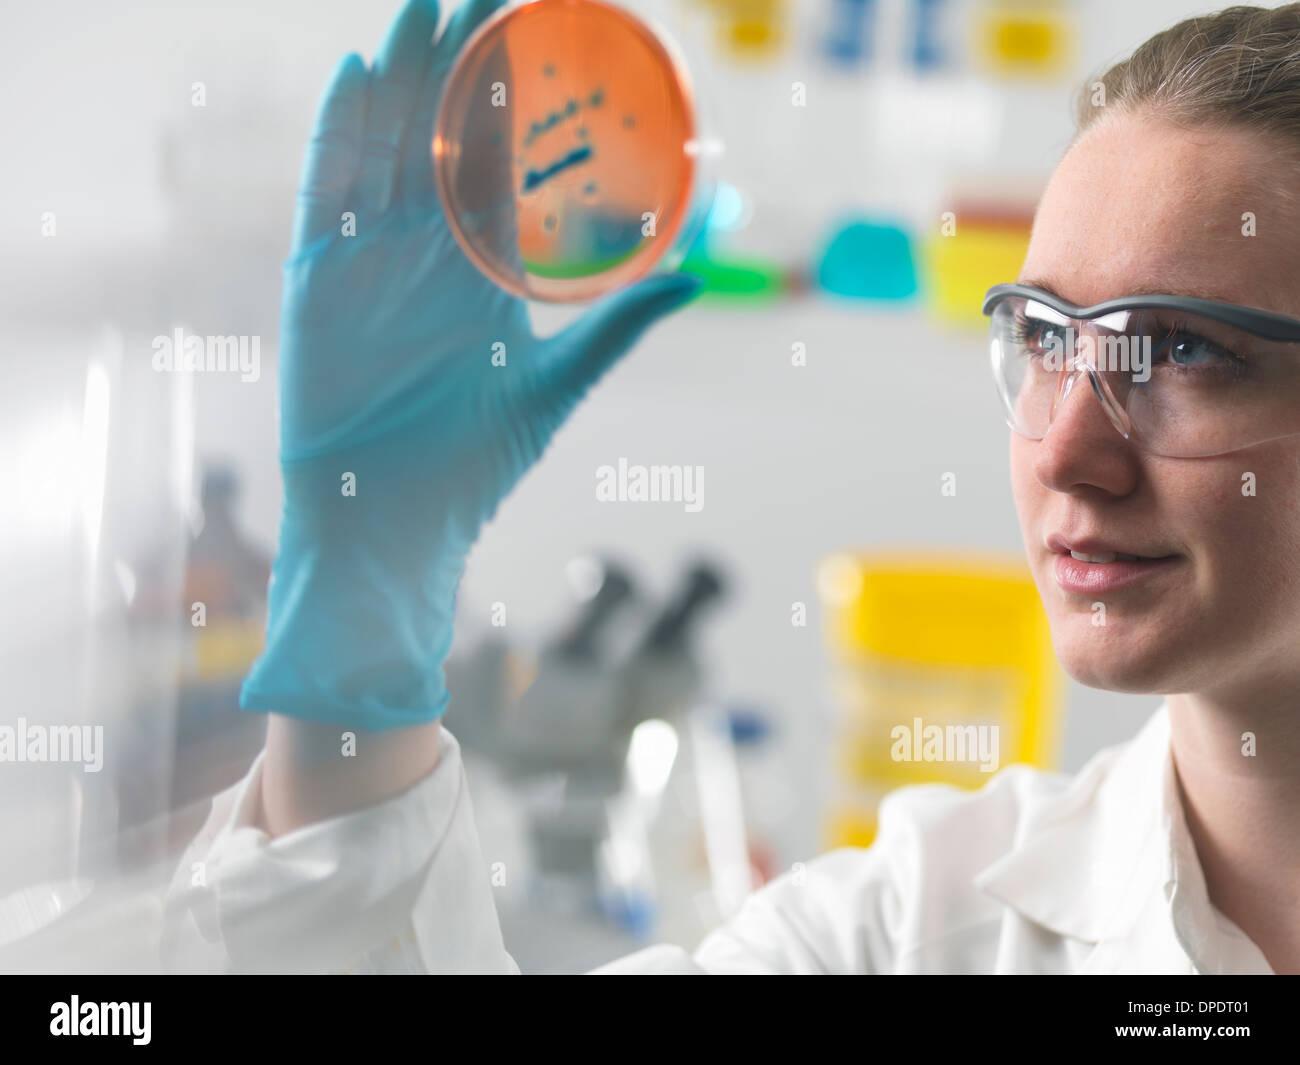 Investigadora examinar cultivos microbiológicos en una placa de Petri Imagen De Stock